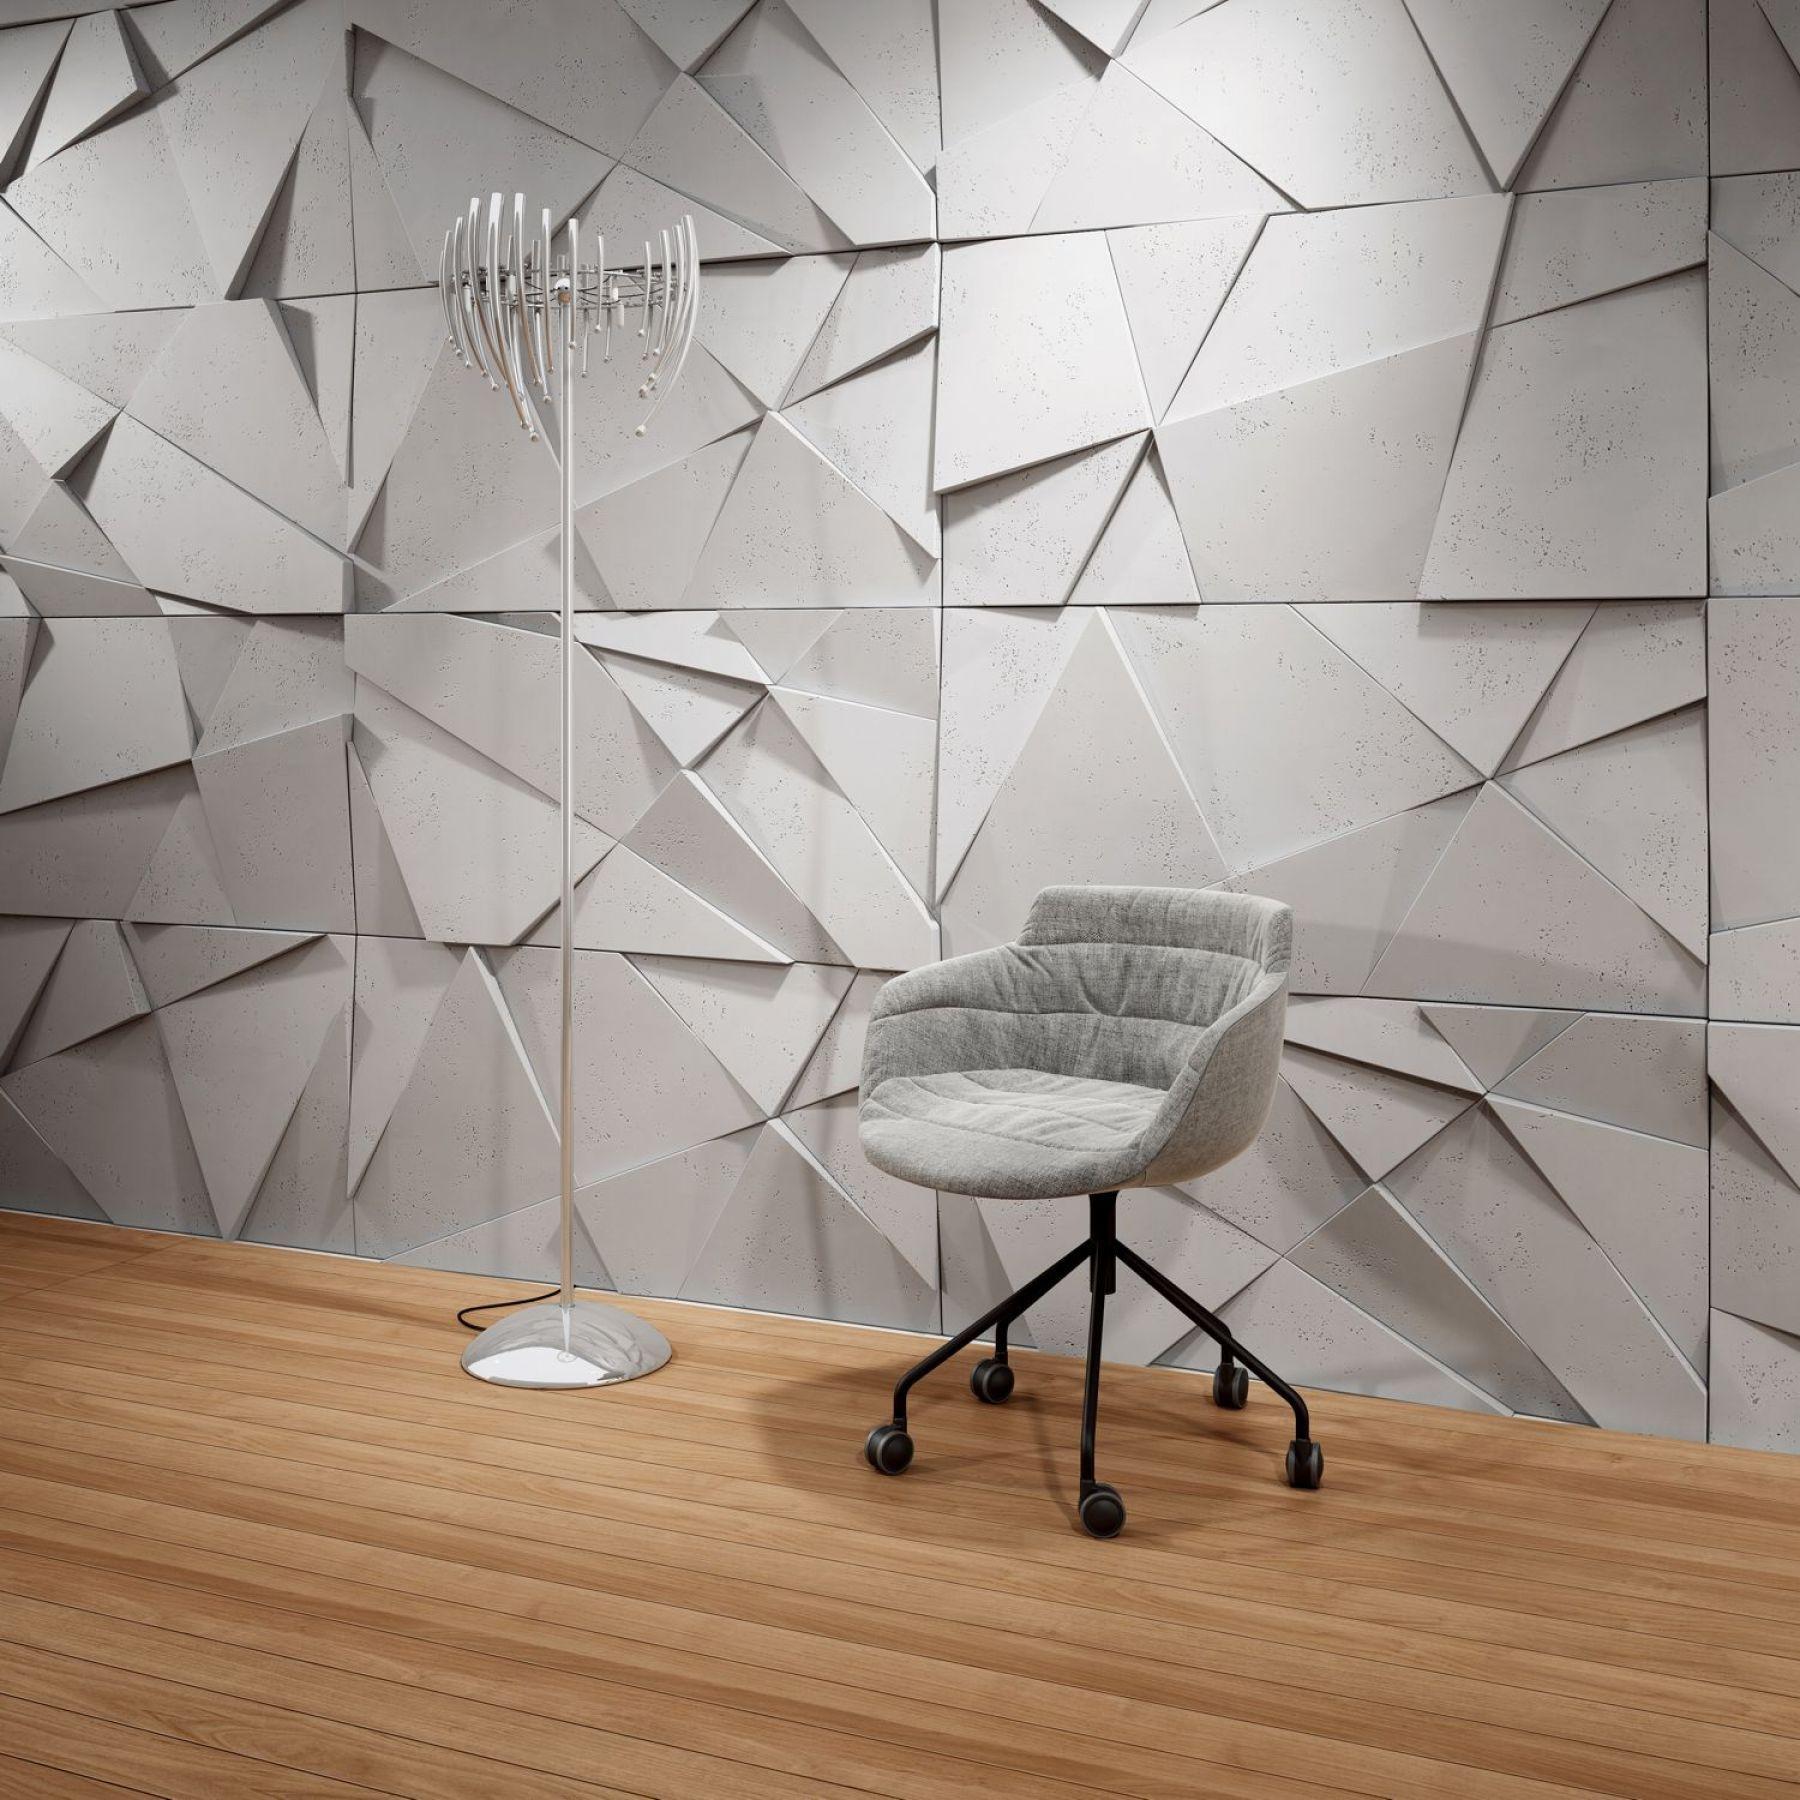 Znalezione obrazy dla zapytania dekoracja beton Beton